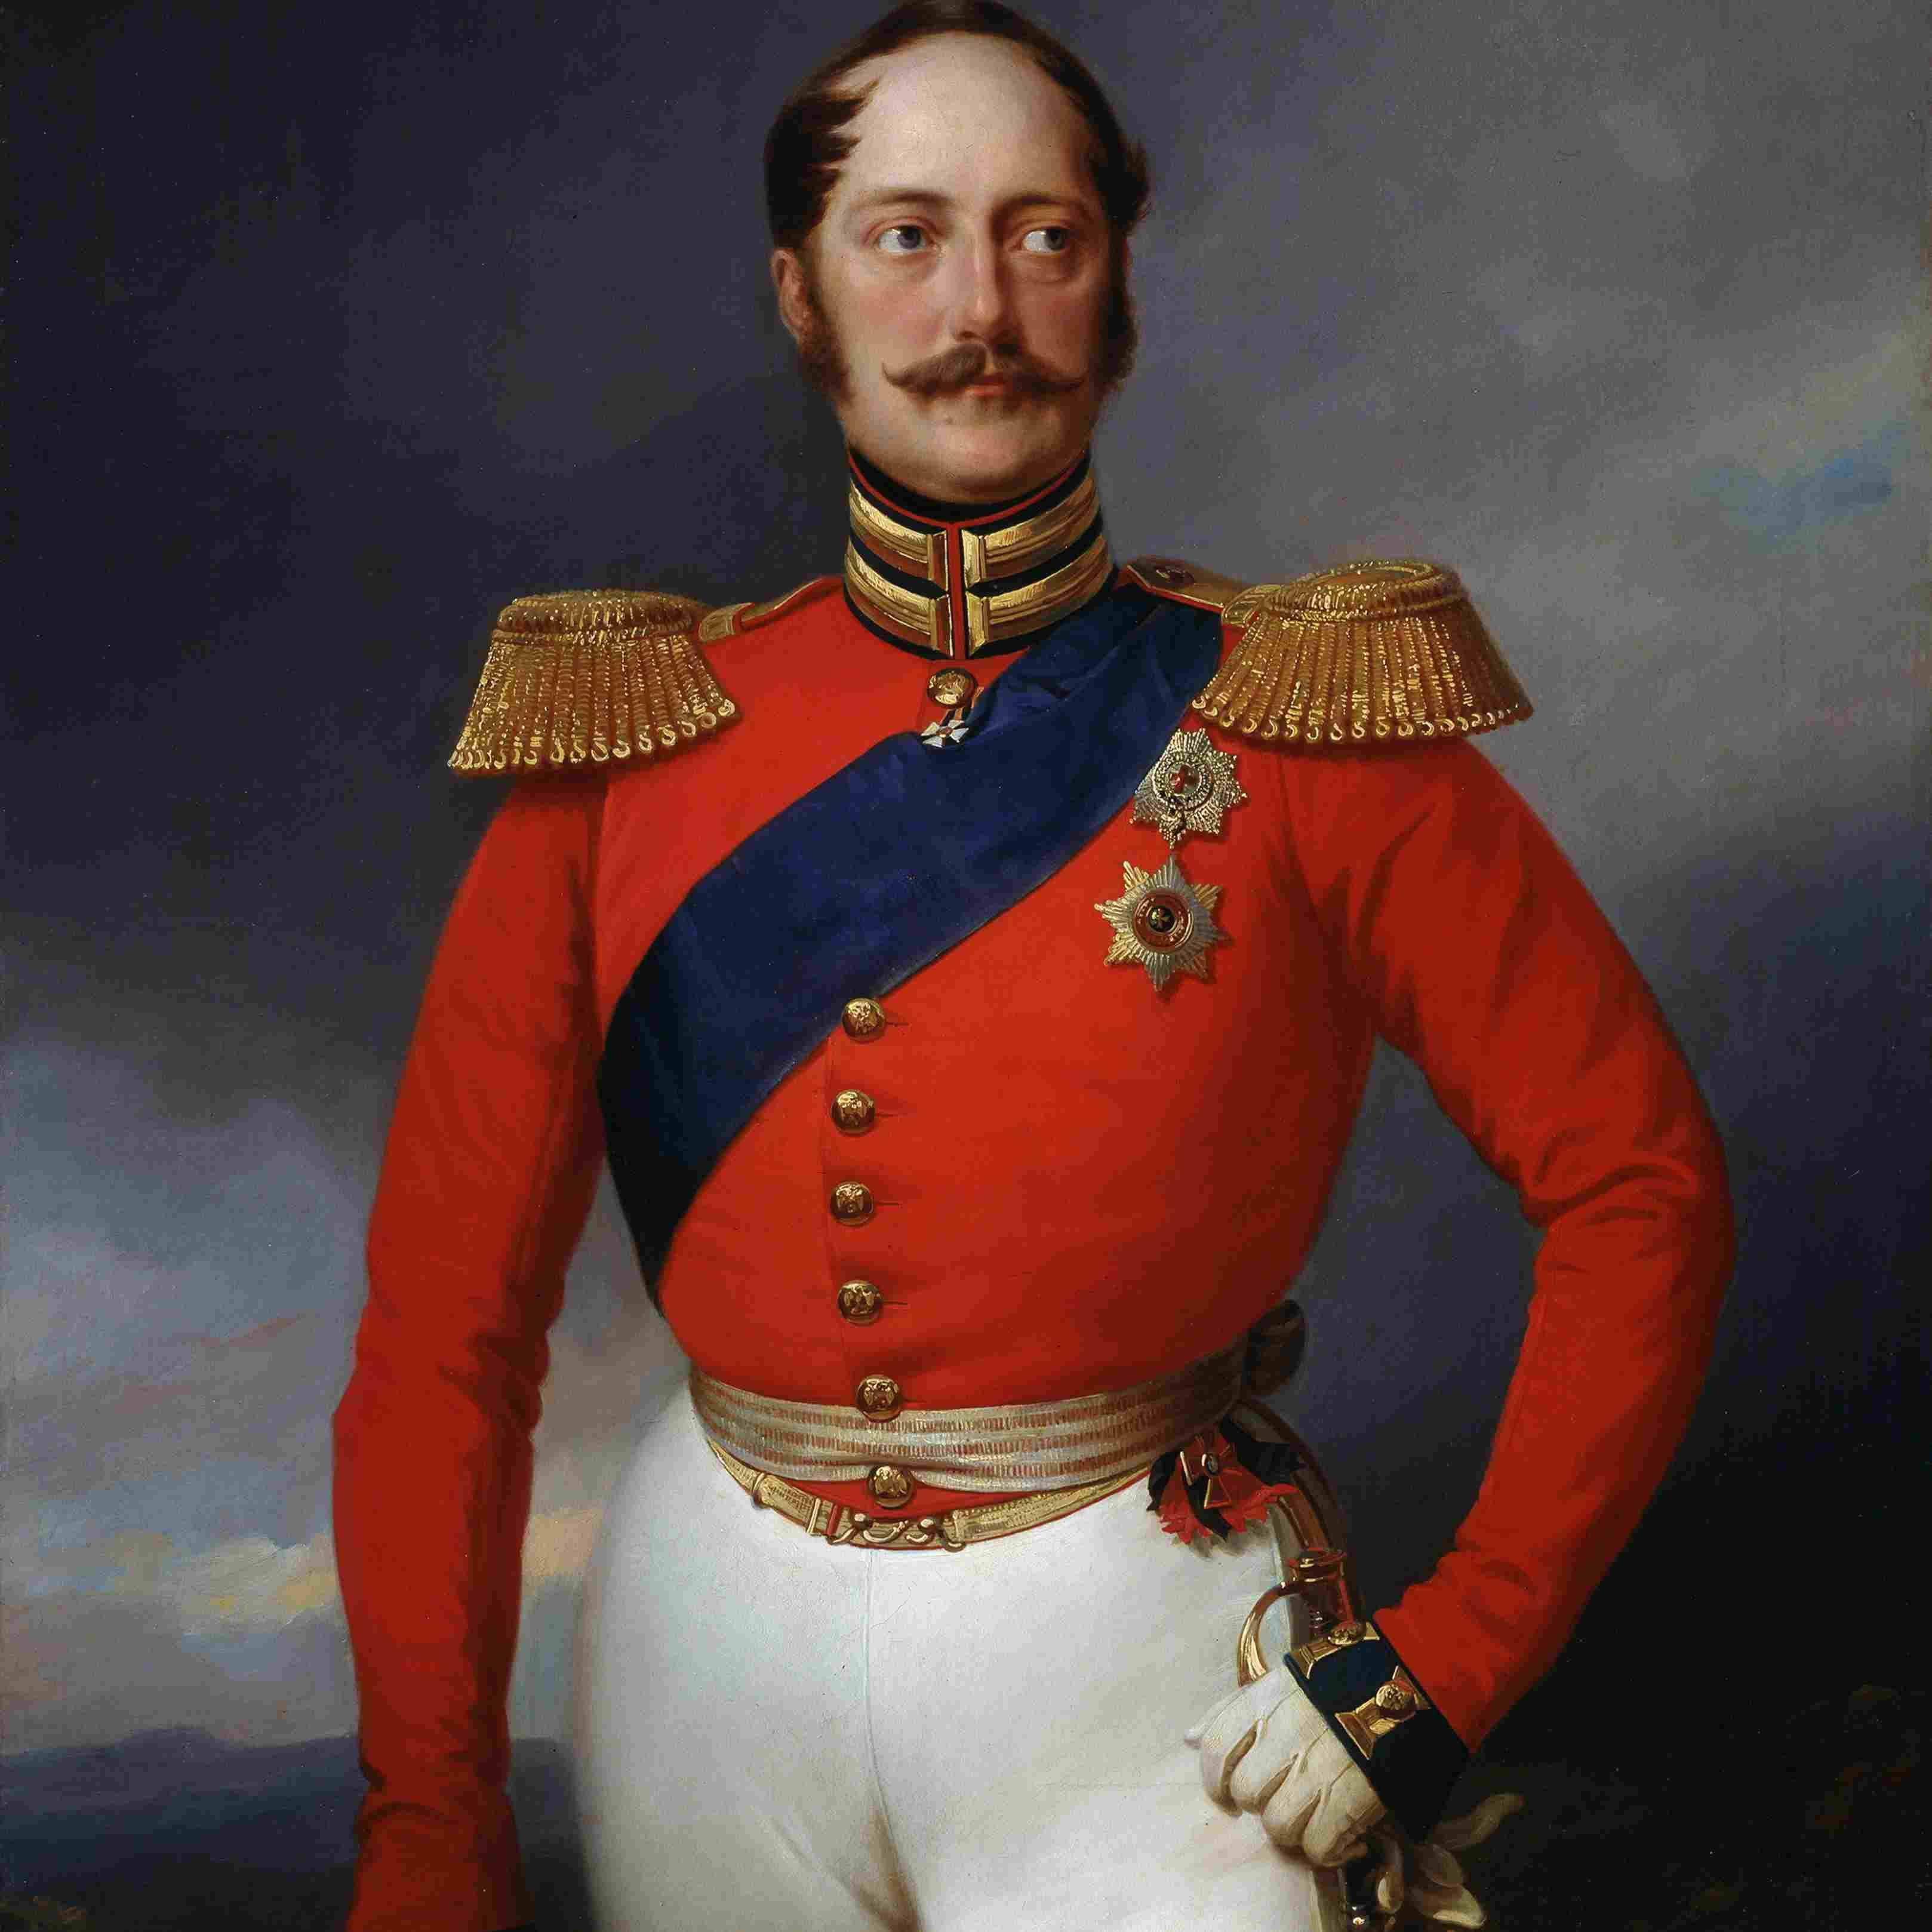 'Portrait of Emperor Nicholas I', (1796-1855), 1847. Artist: Franz Kruger